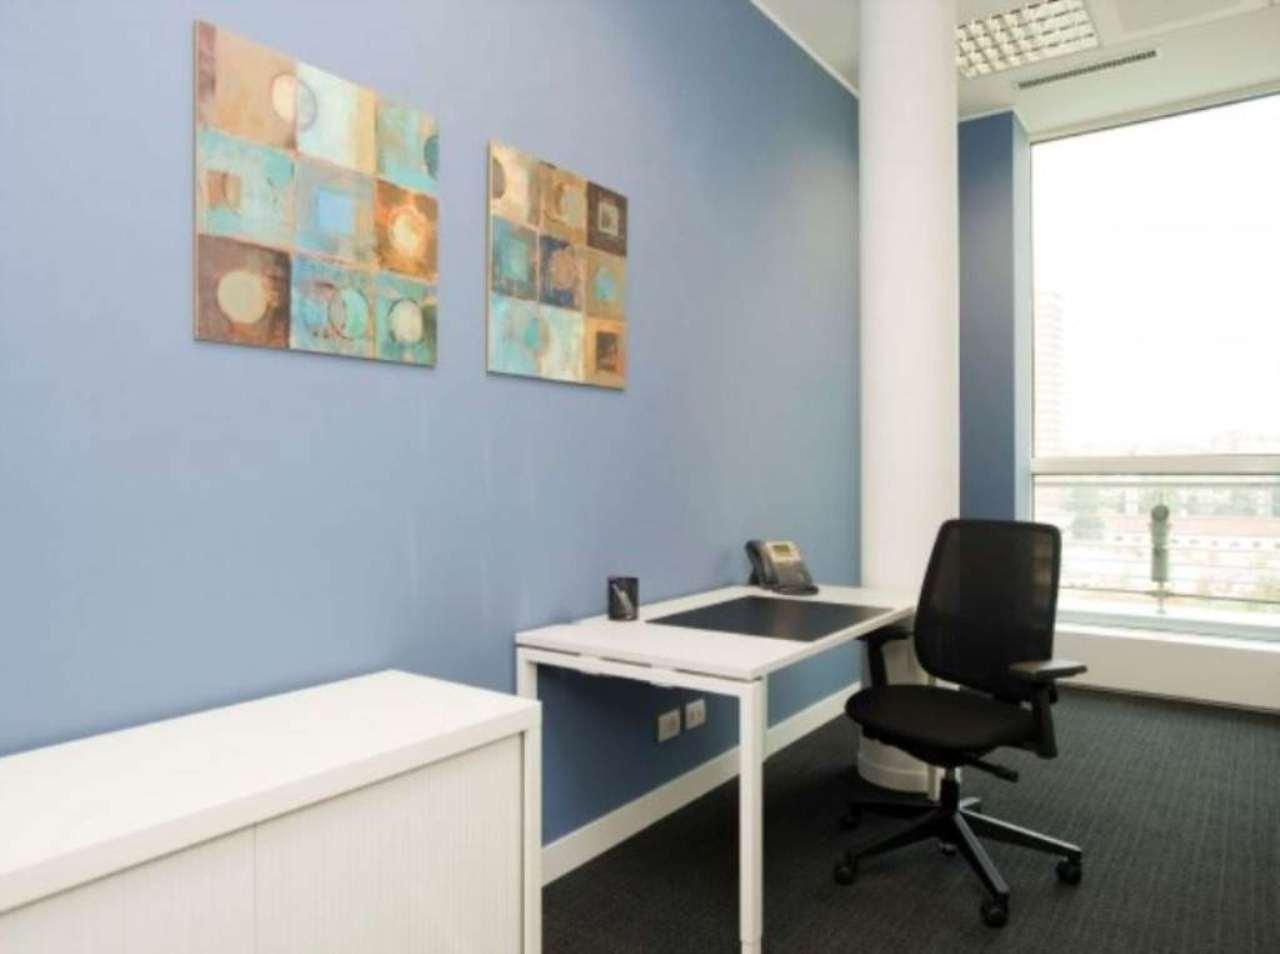 Ufficio in affitto a Milano (Bovisa, Dergano)-http://media.getrix.it/1/4943/11720346.jpg